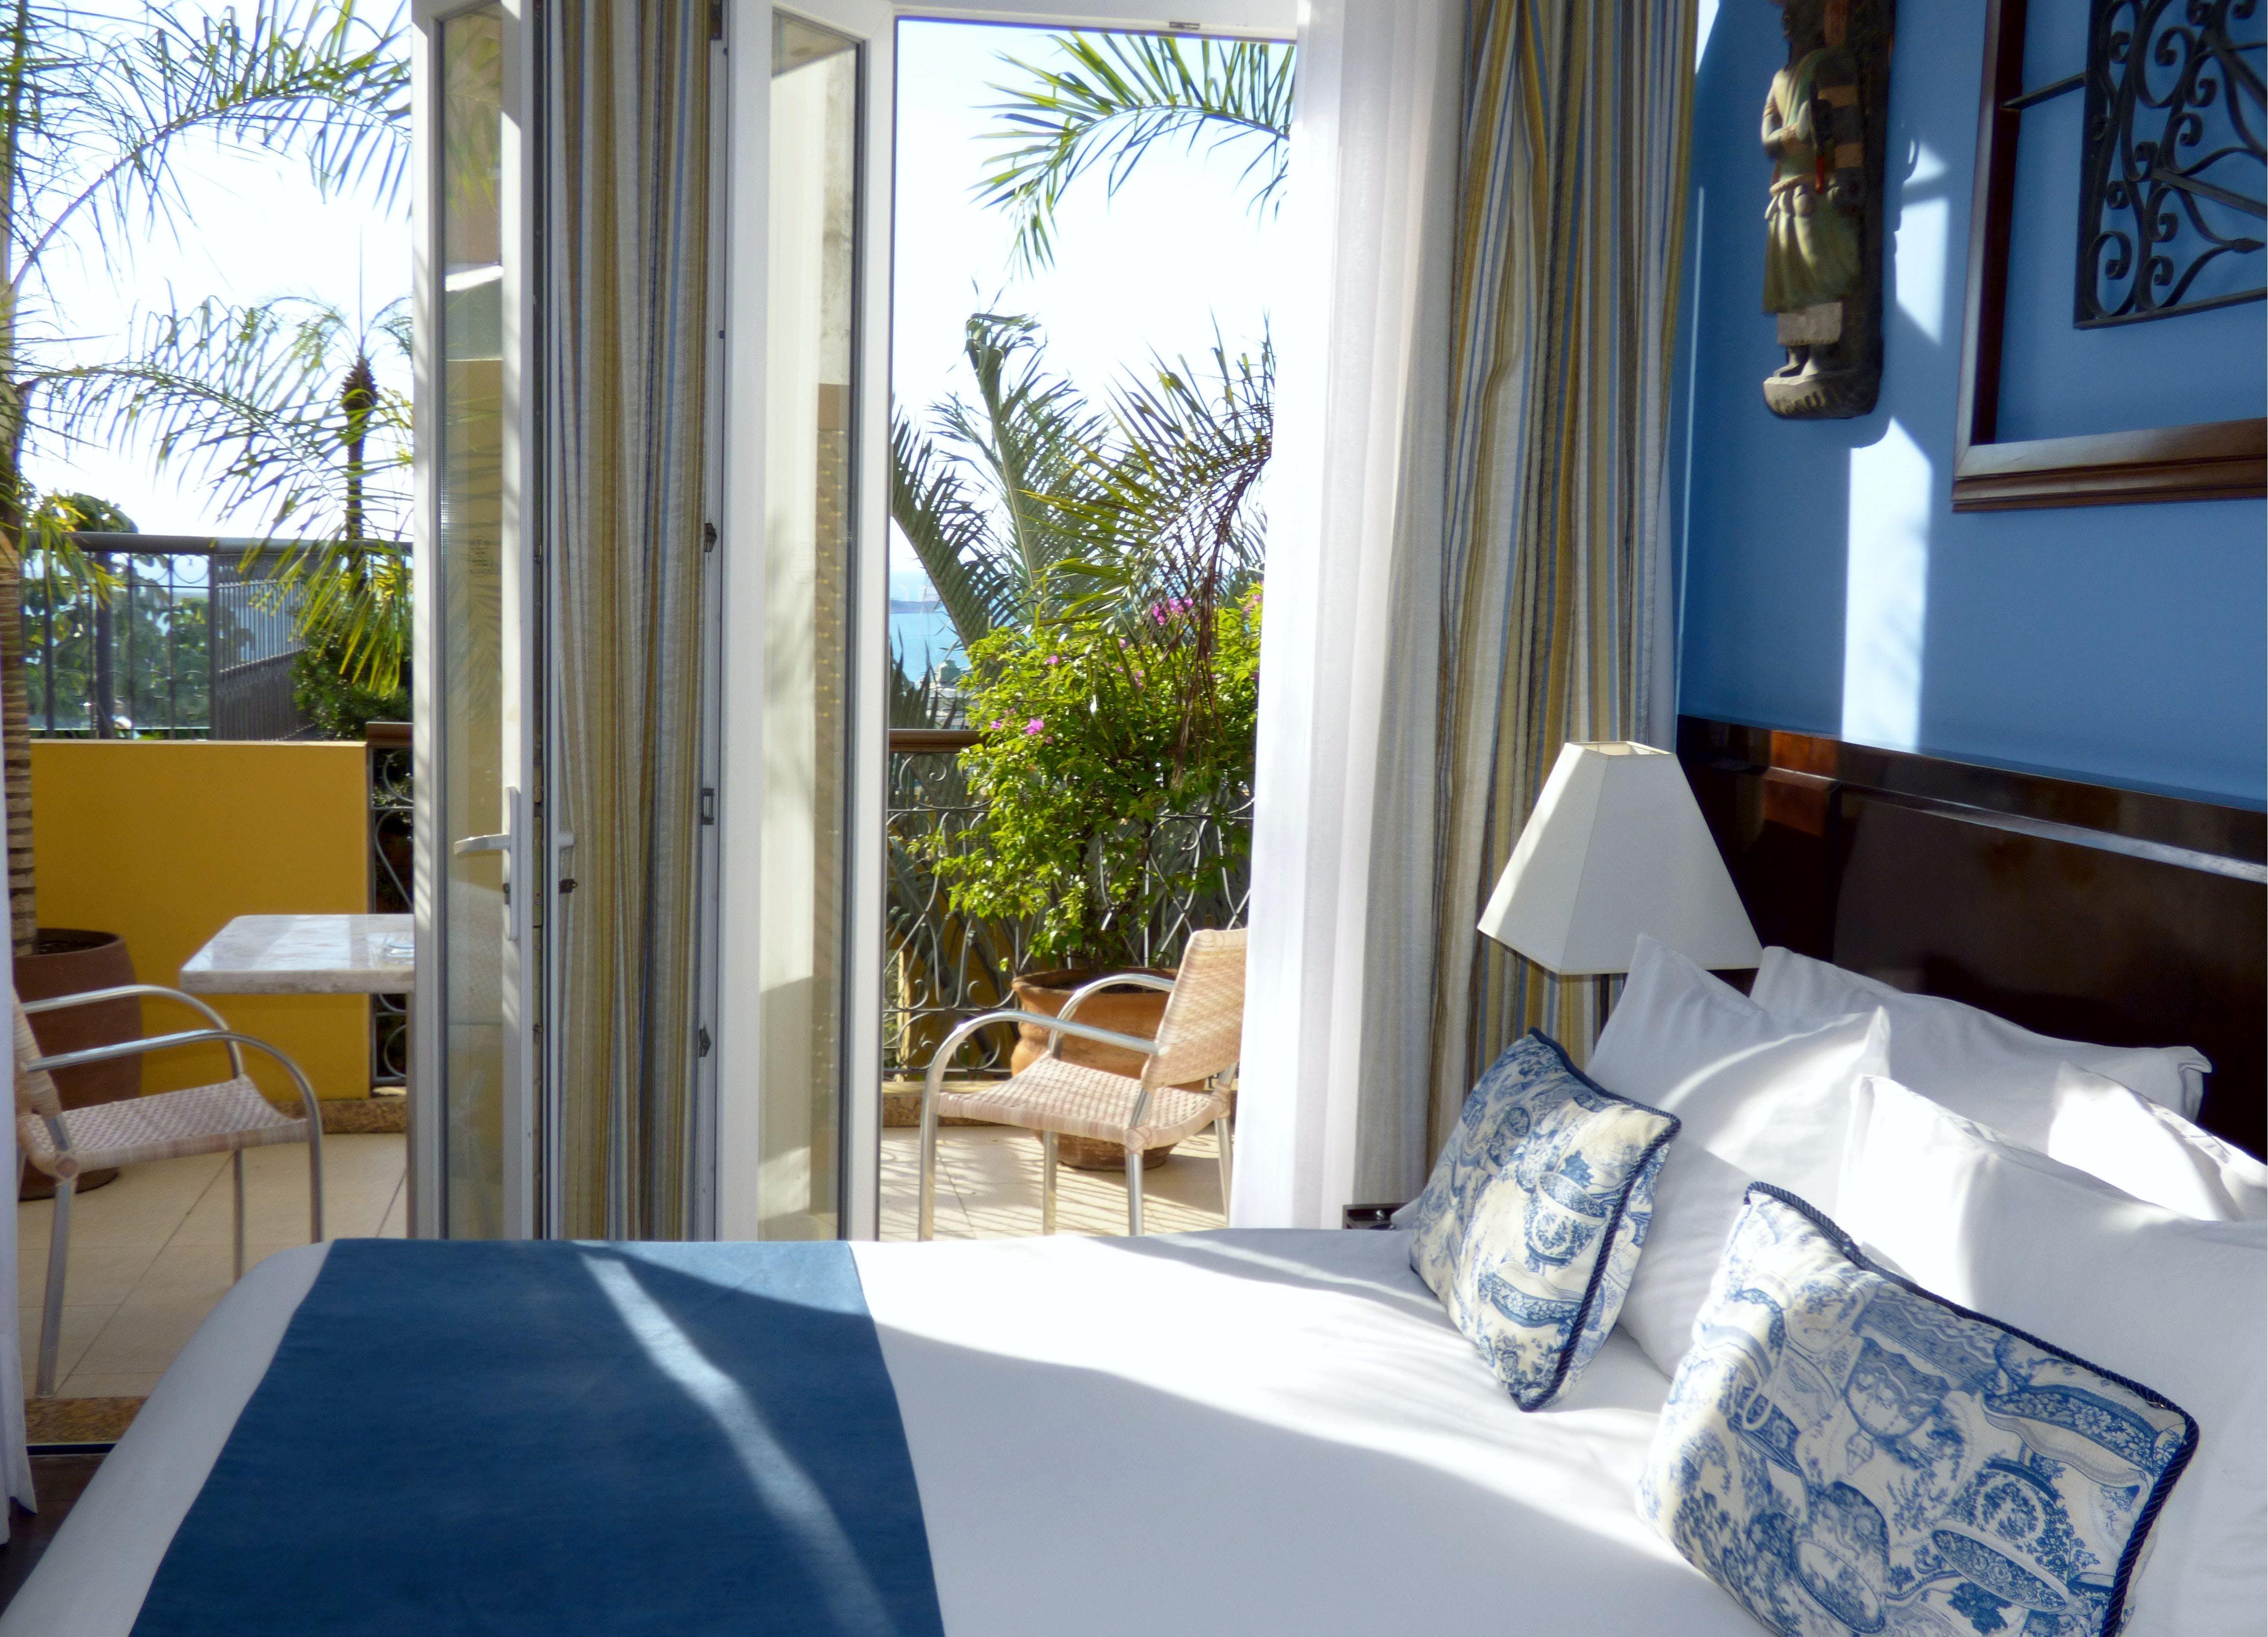 Hotel Casa Amarelindo DeLuxe Room Bed Detail Varanda